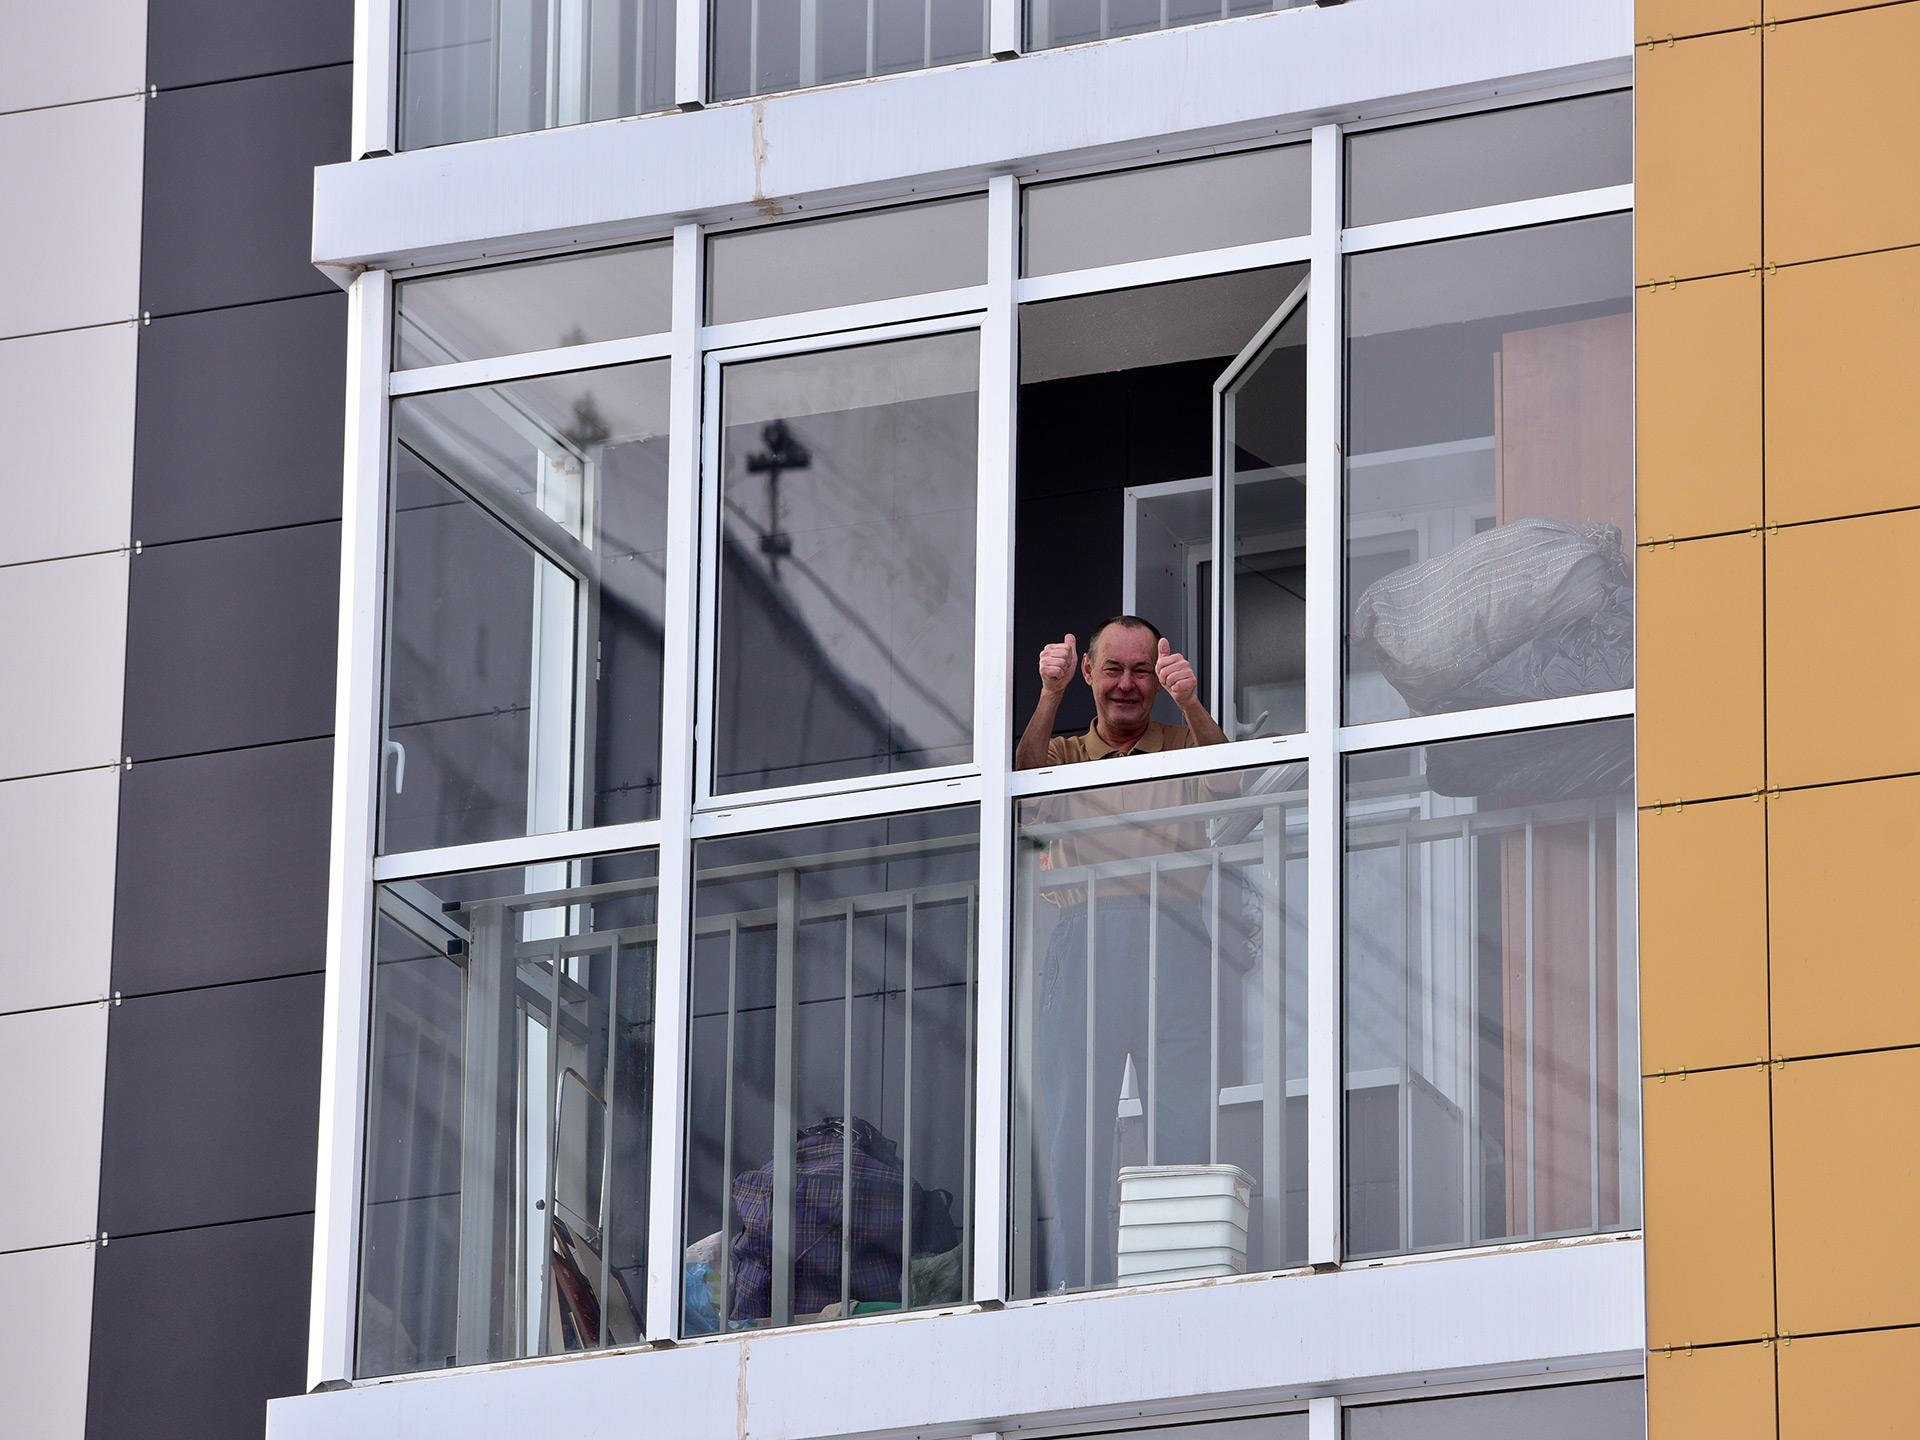 Новый многоквартирный дом на улице 5-й Парковой, д. 62Б, в который в рамках программы реновации начали переезжать первые семьи из пятиэтажного дома на улице Константина Федина в районе Северное Измайлово Восточного административного округа (ВАО)